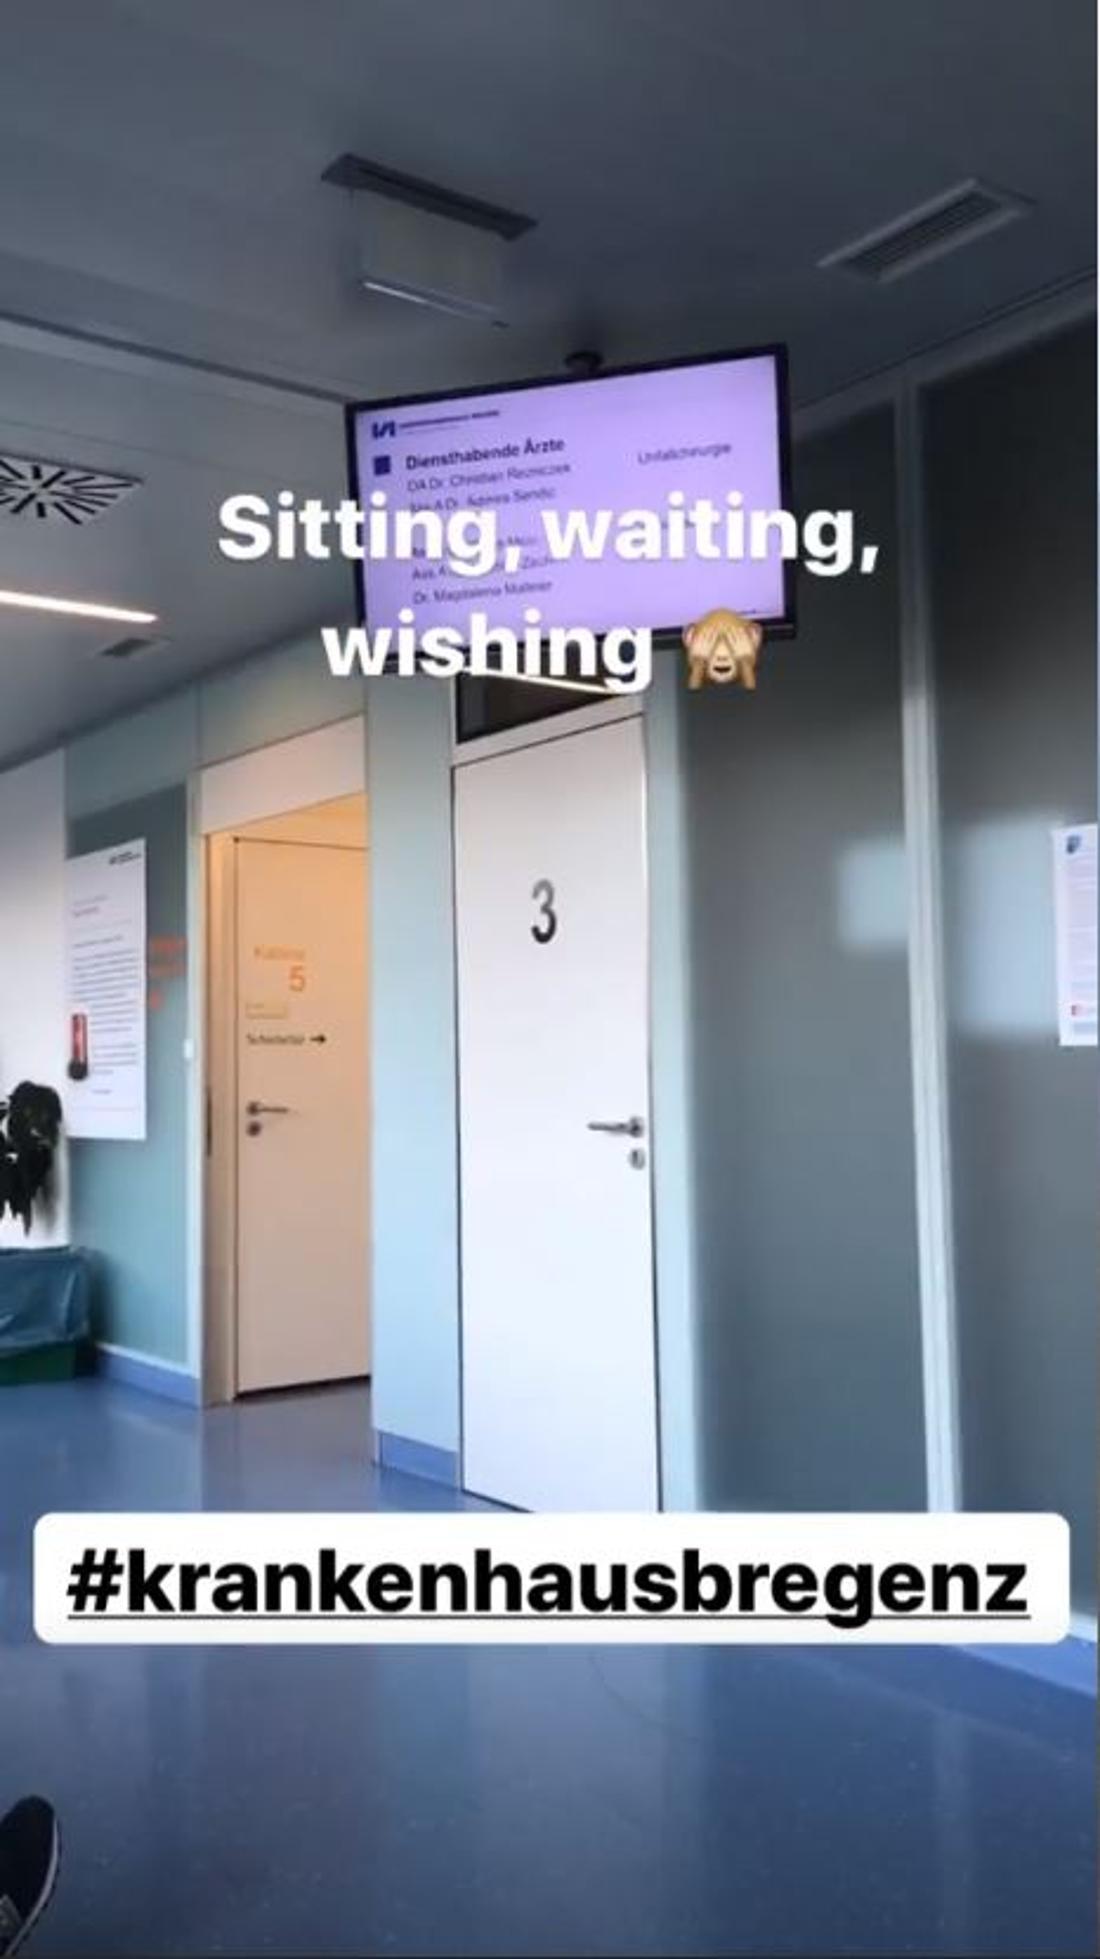 Carina im Wartebereich des Krankenhauses in Bregenz.